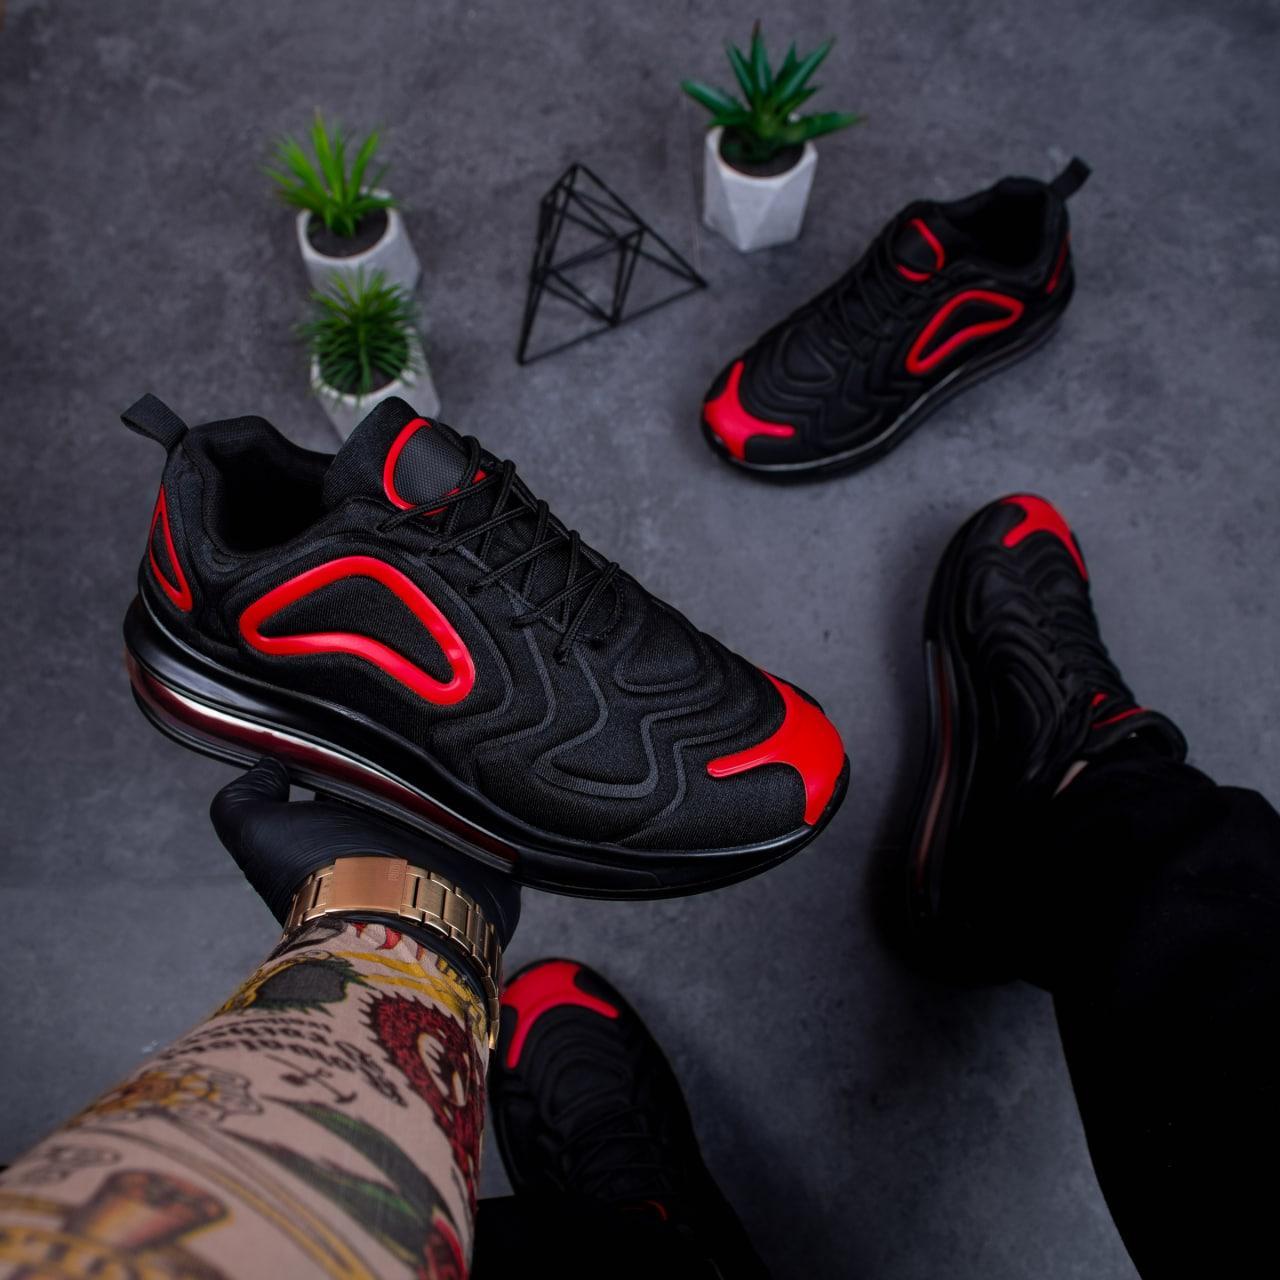 Чоловічі кросівки Бастер Арт 720 (чорно-червоні)